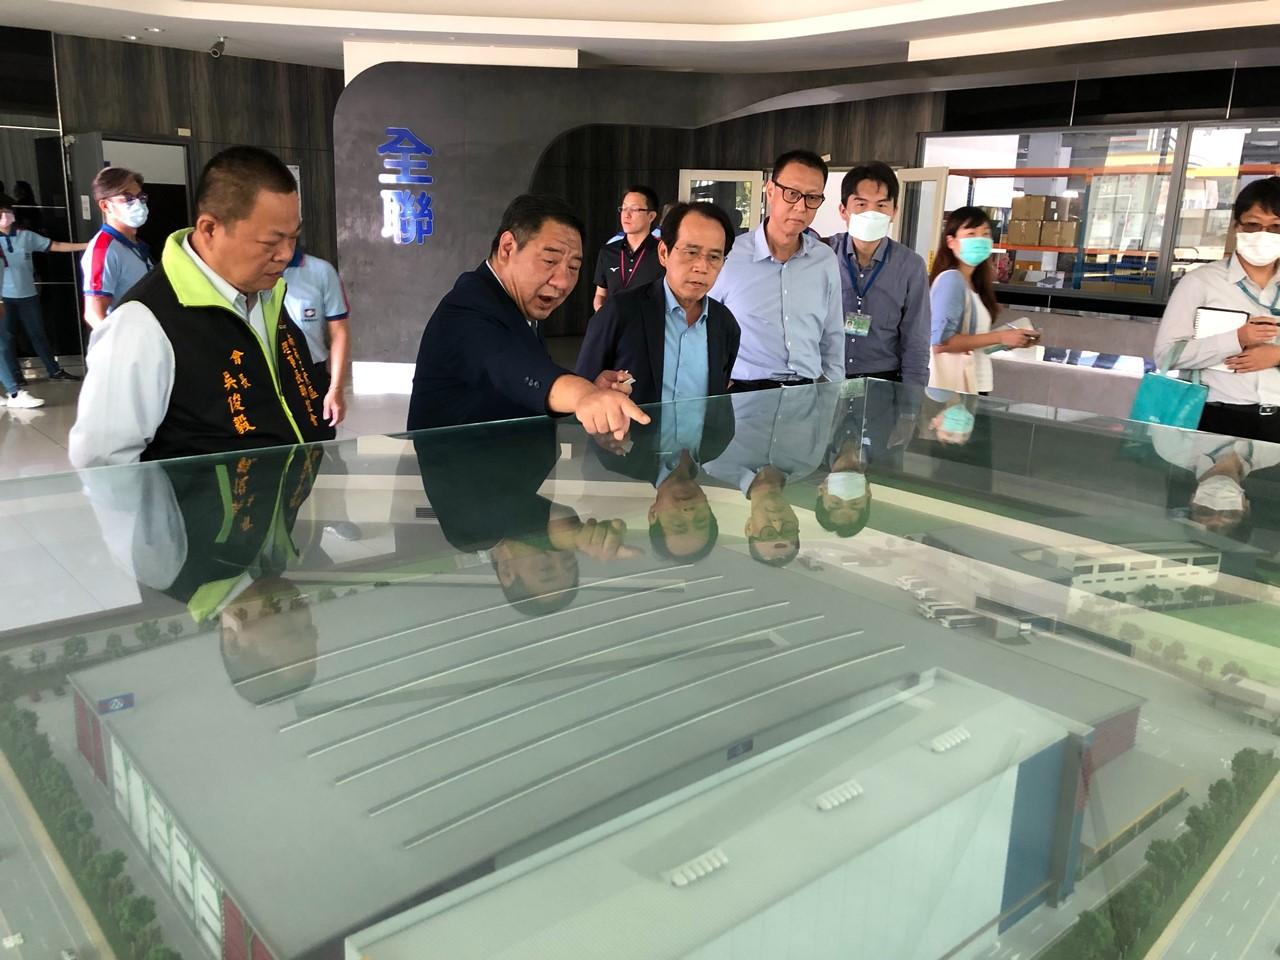 剛投資9.8億  全聯擬再加碼投資高雄 林欽榮允協助加速建廠